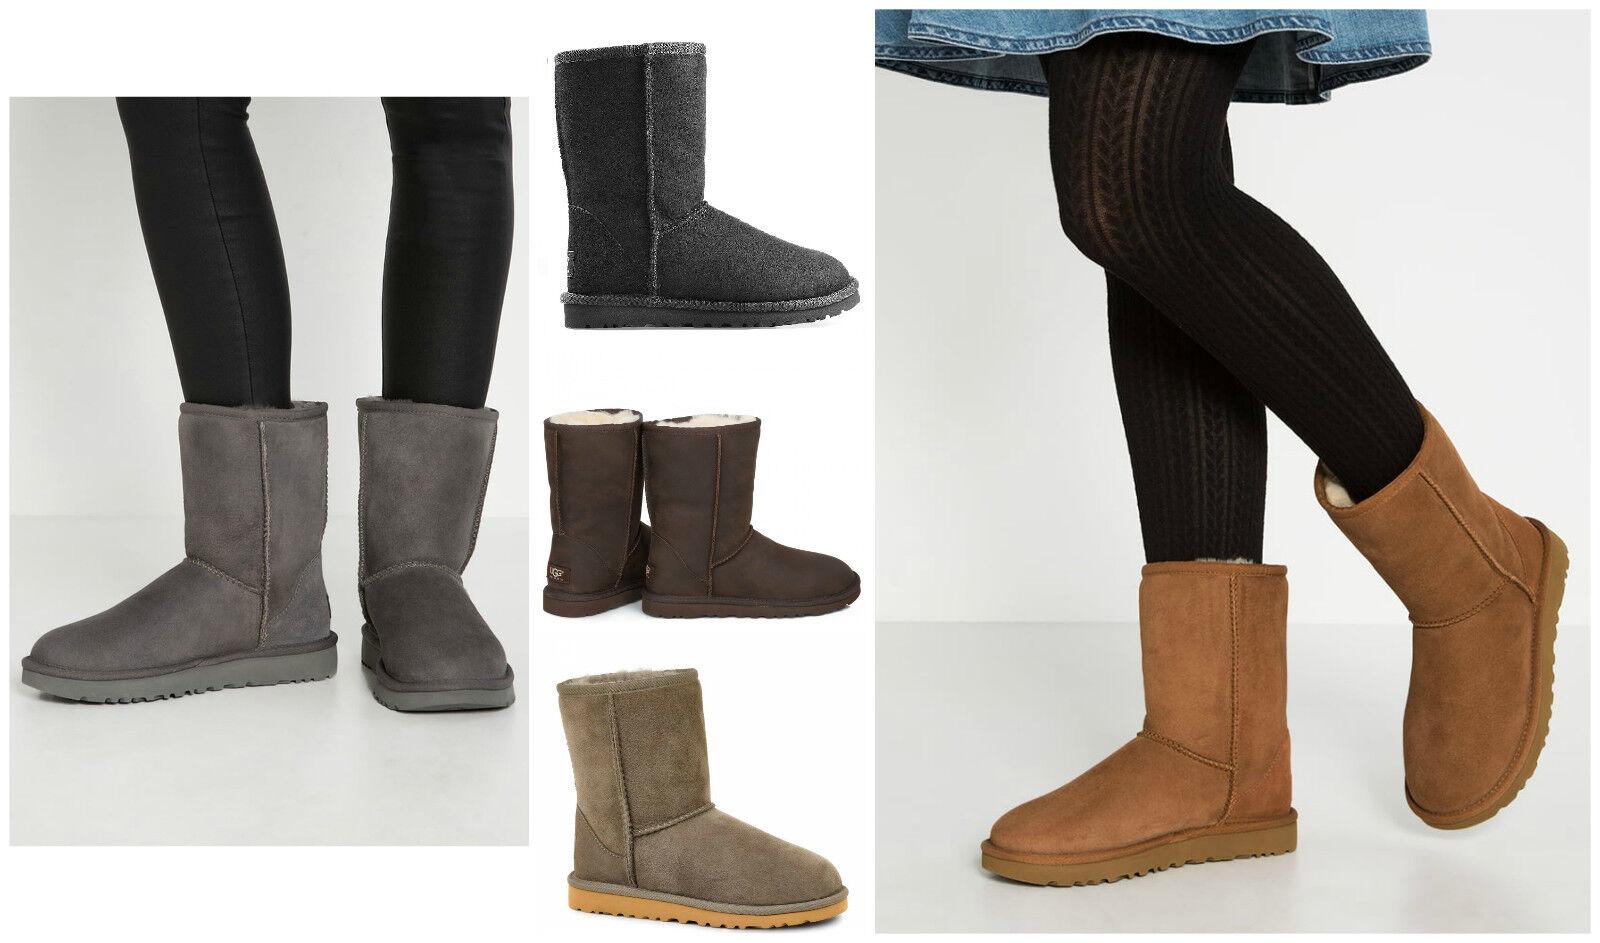 Nouveau UGG BNIB 200 € Chaussures à lacets, bottes